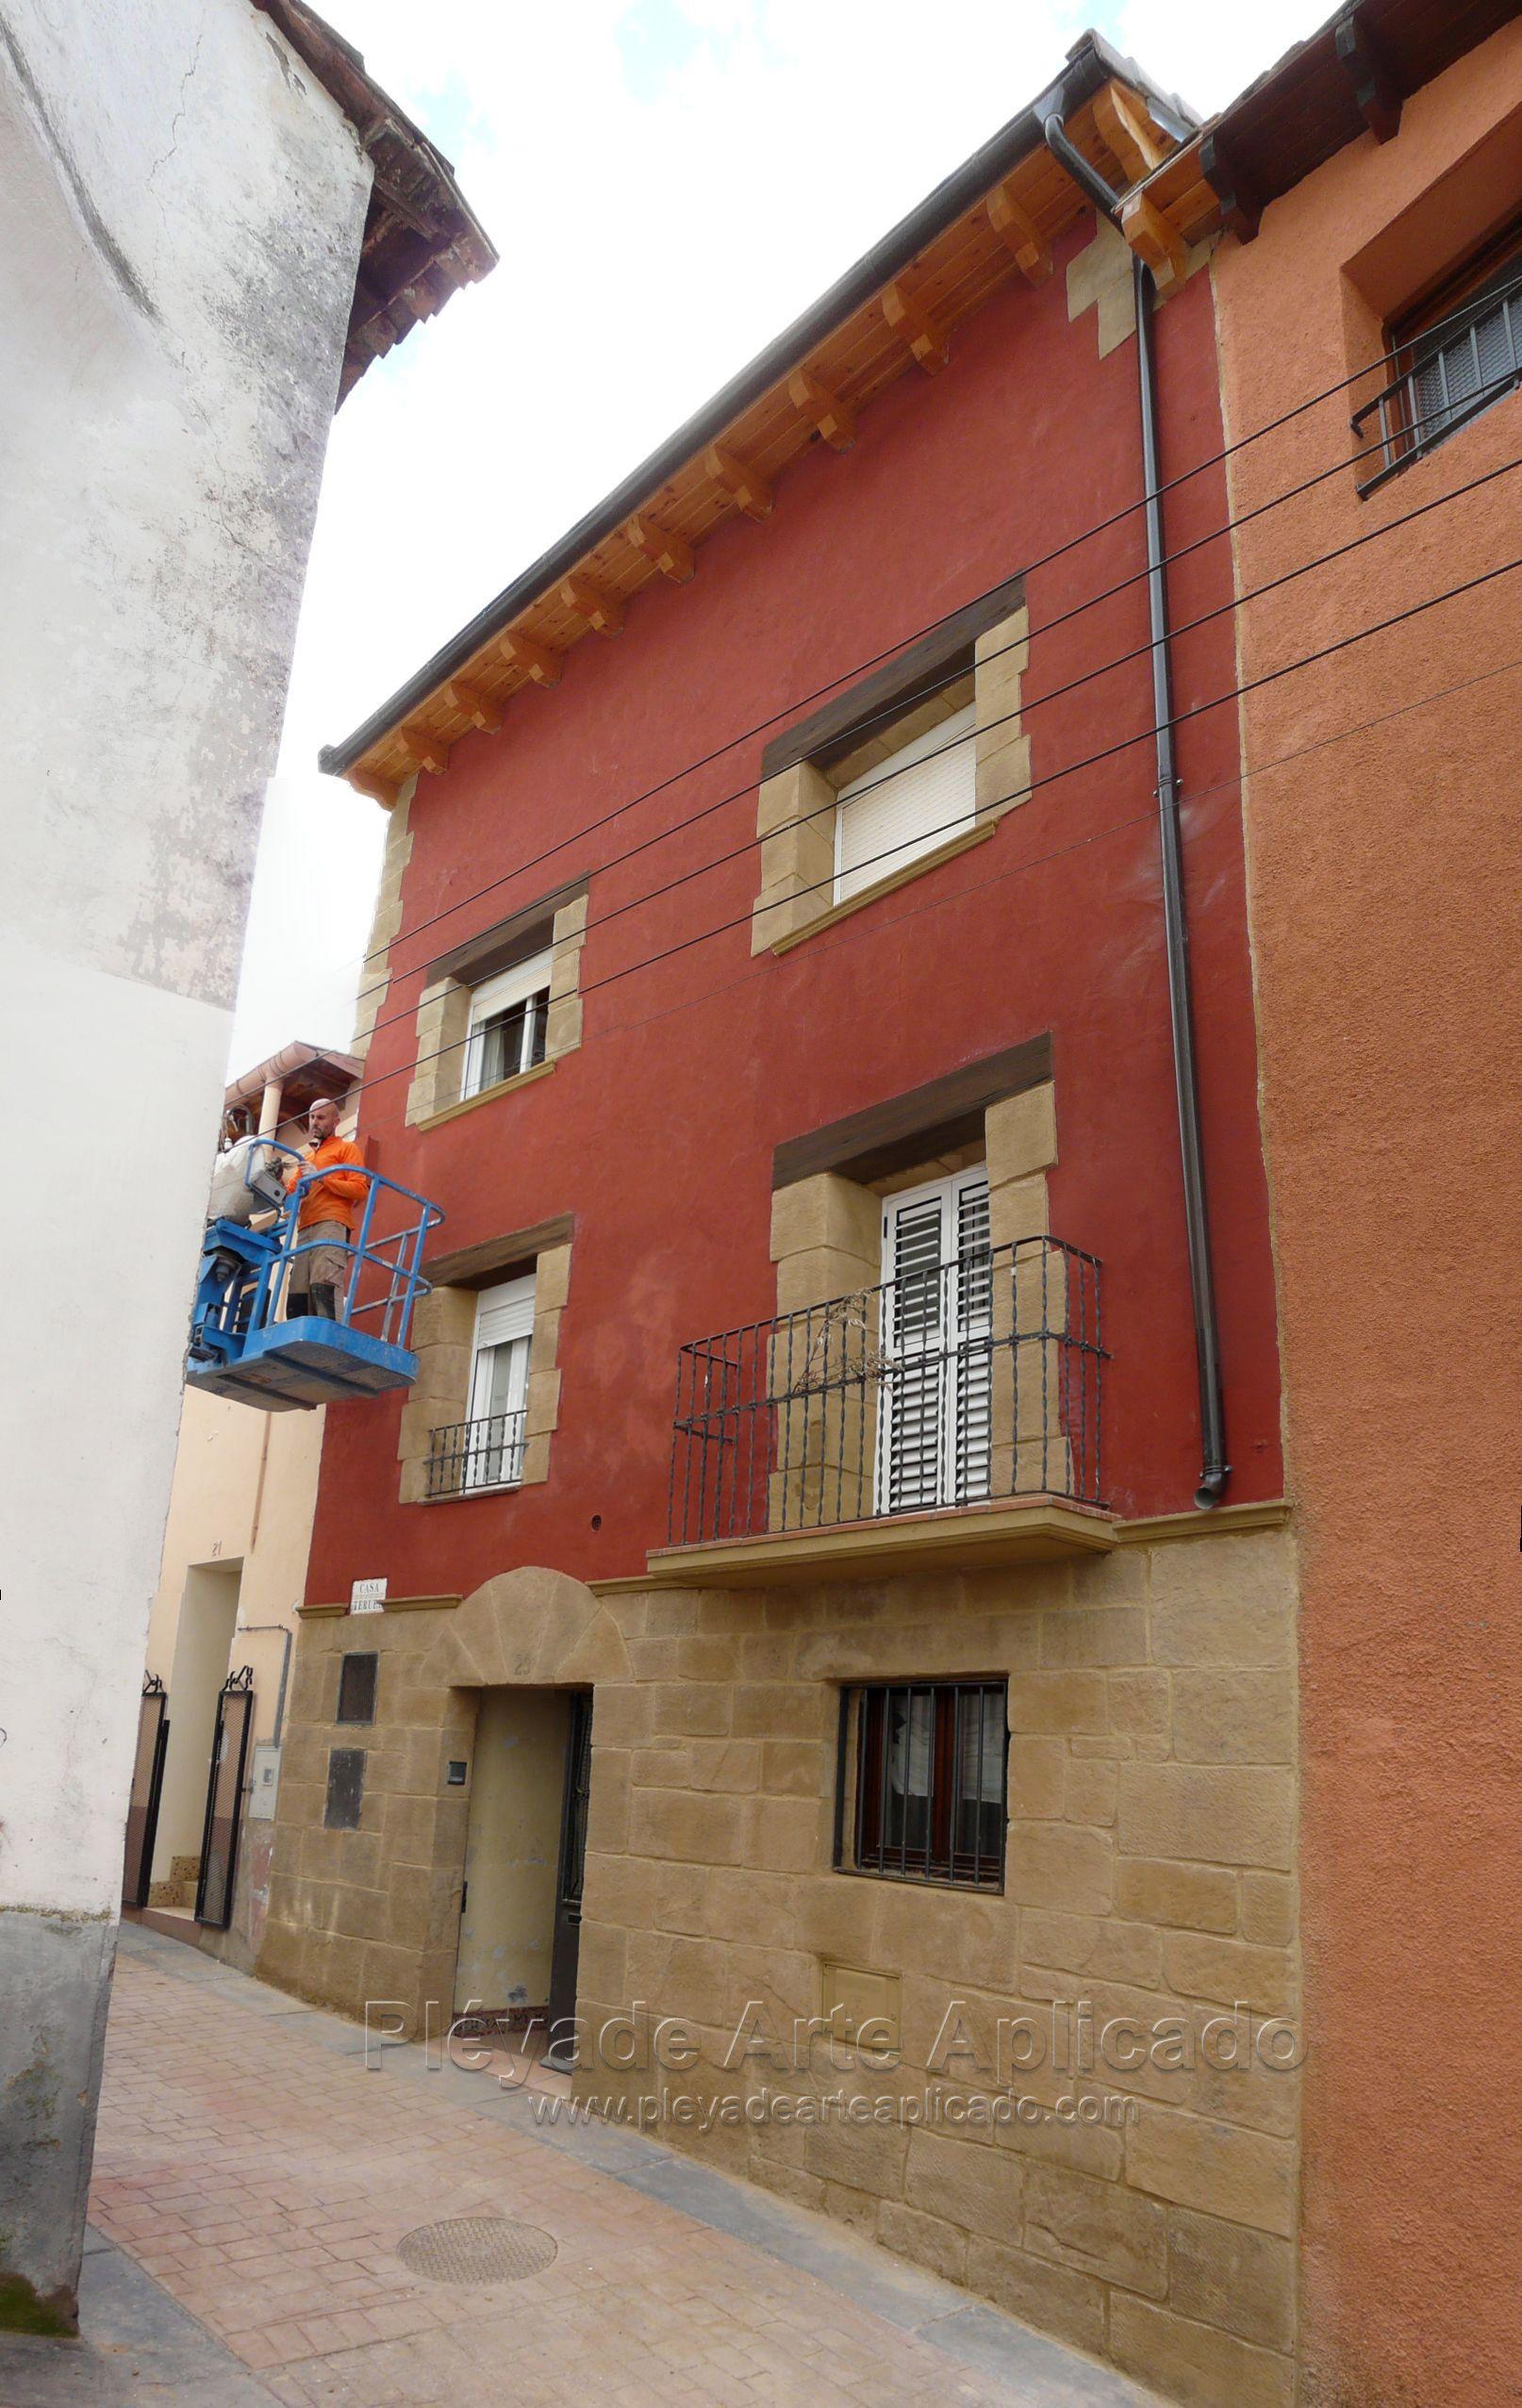 Decoraci n de fachada con piedra artificial y estuco fachadas pinterest decoracion de - Subvenciones rehabilitacion casas antiguas ...